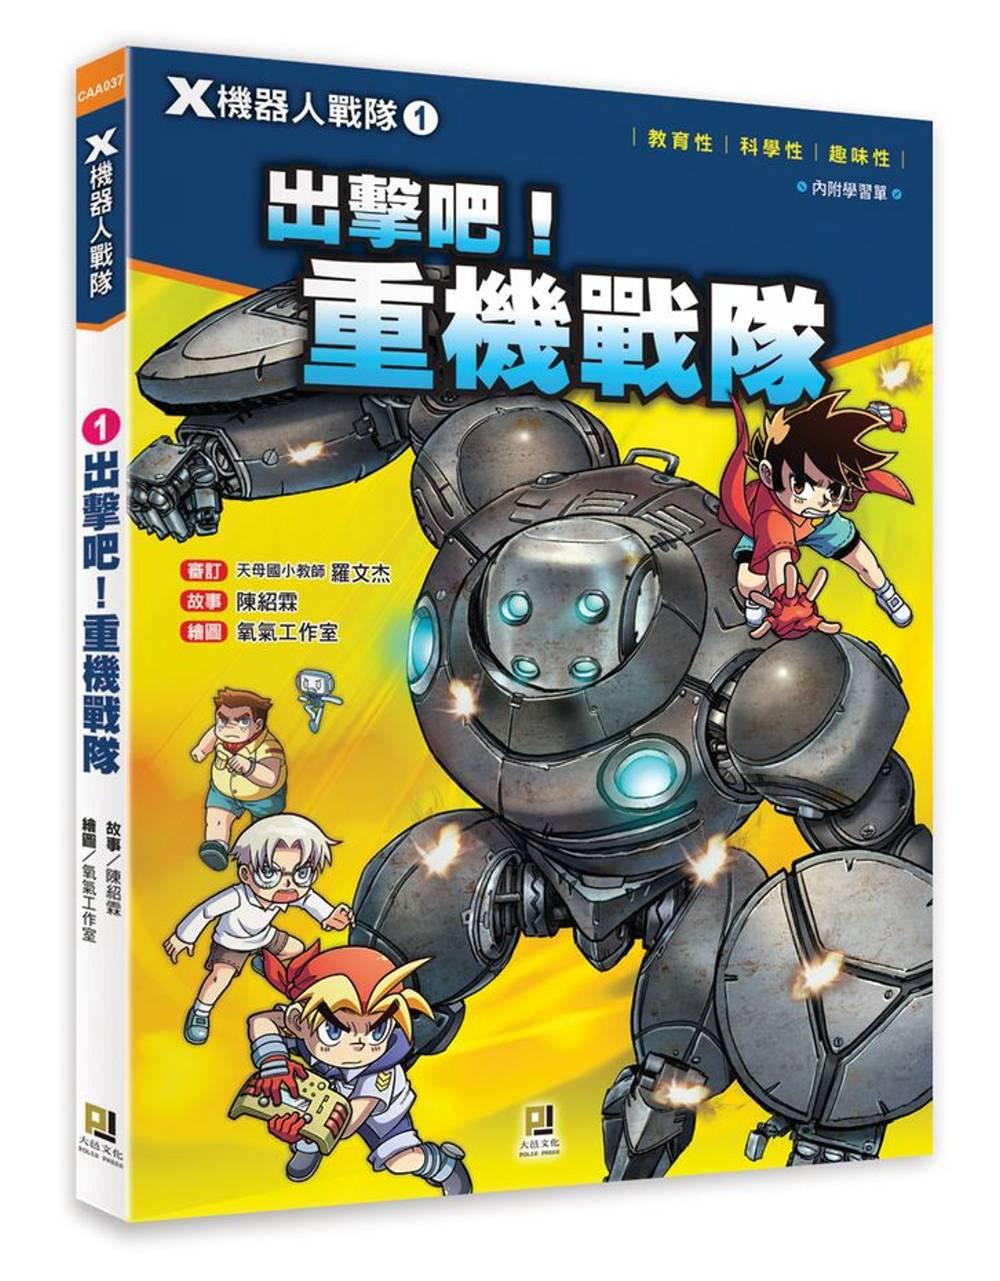 X機器人戰隊 1 出擊吧!重機戰隊(附學習單)